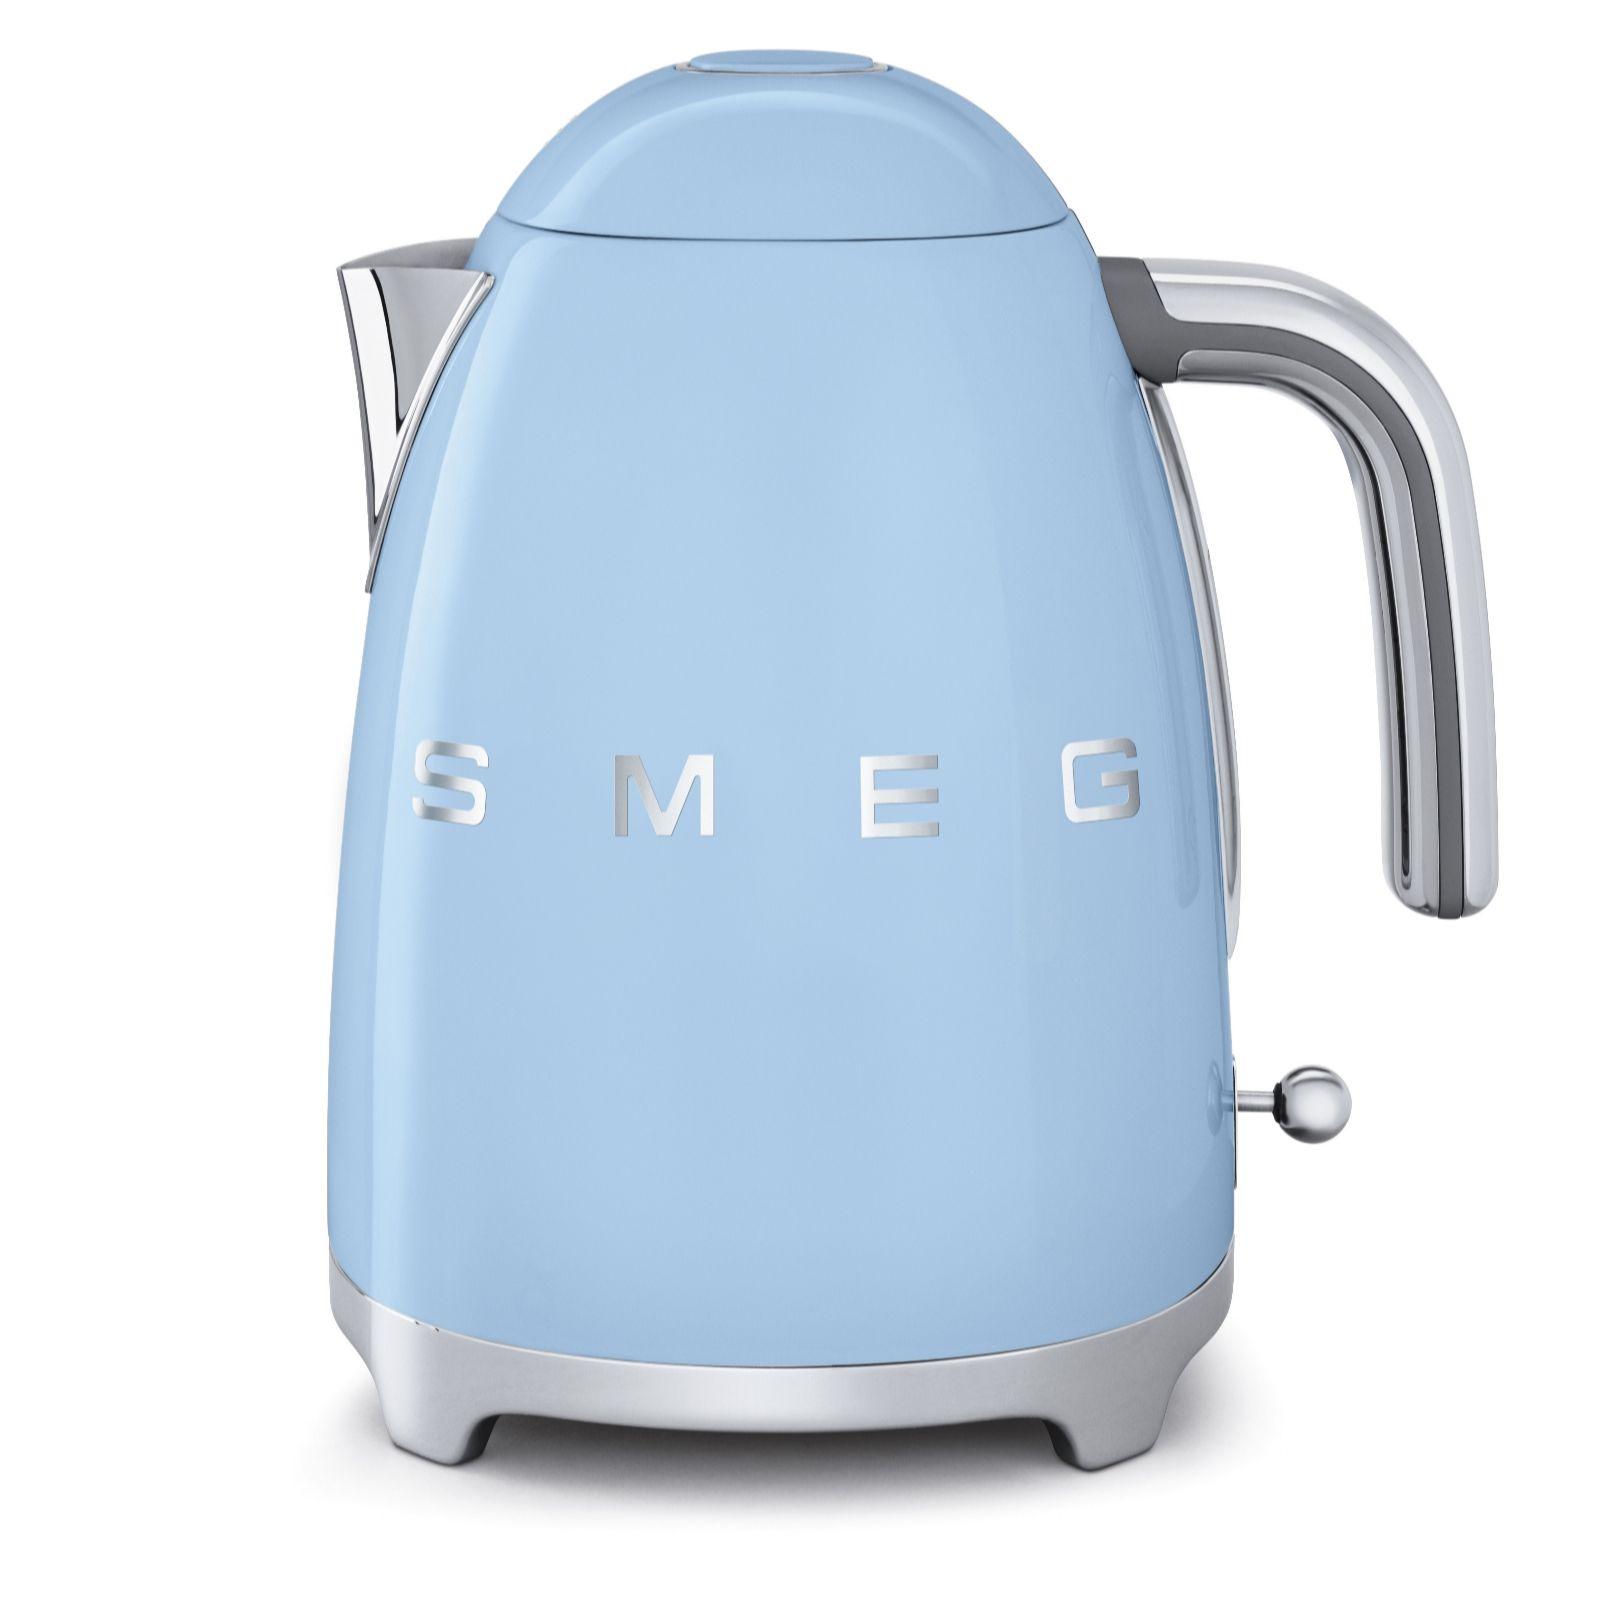 Retro Kitchen Small Appliances Kitchen Home Kitchen Qvc Uk